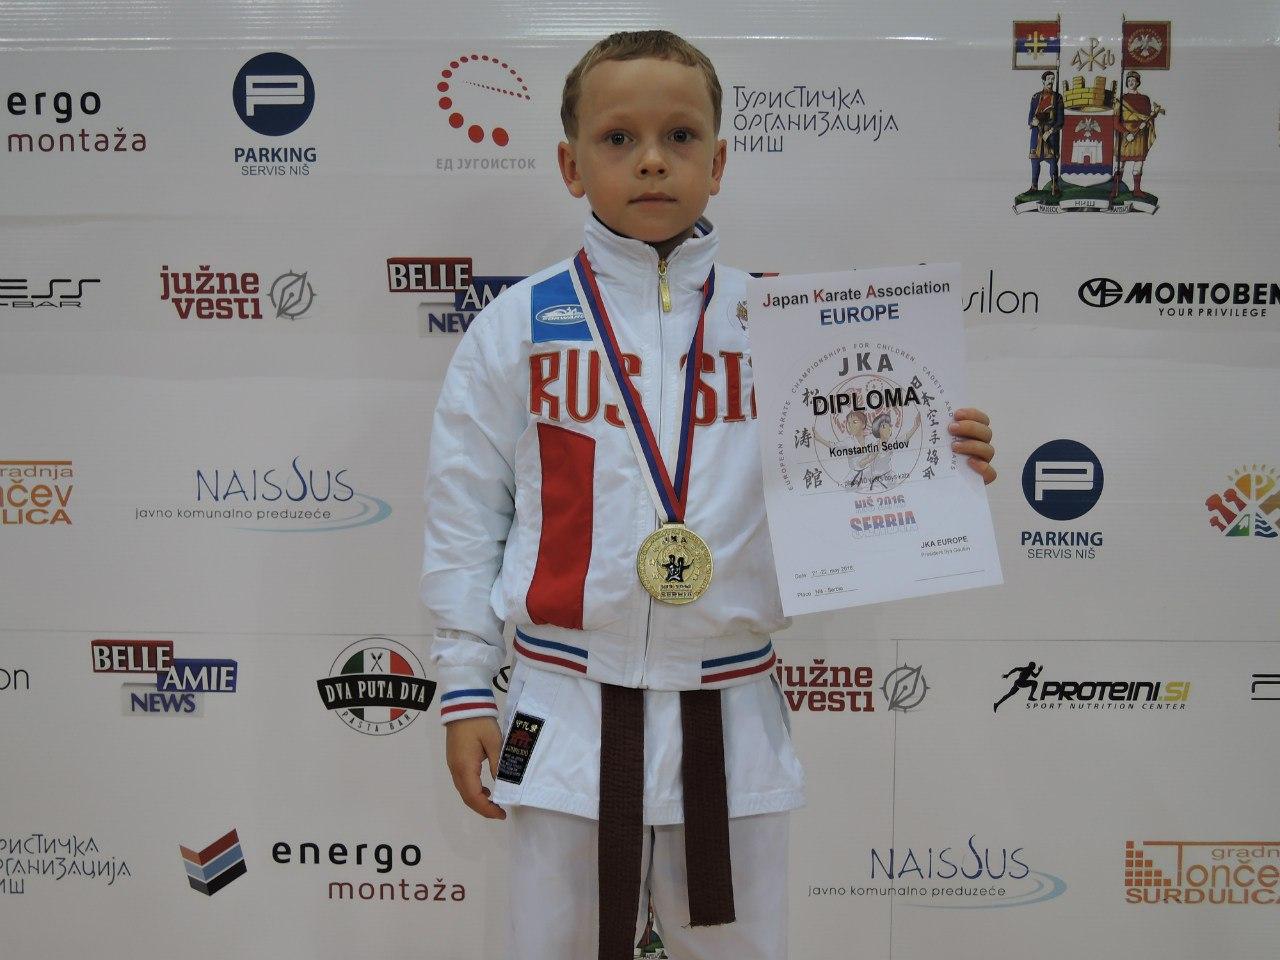 Вологодский школьник стал Чемпионом Европы по каратэ